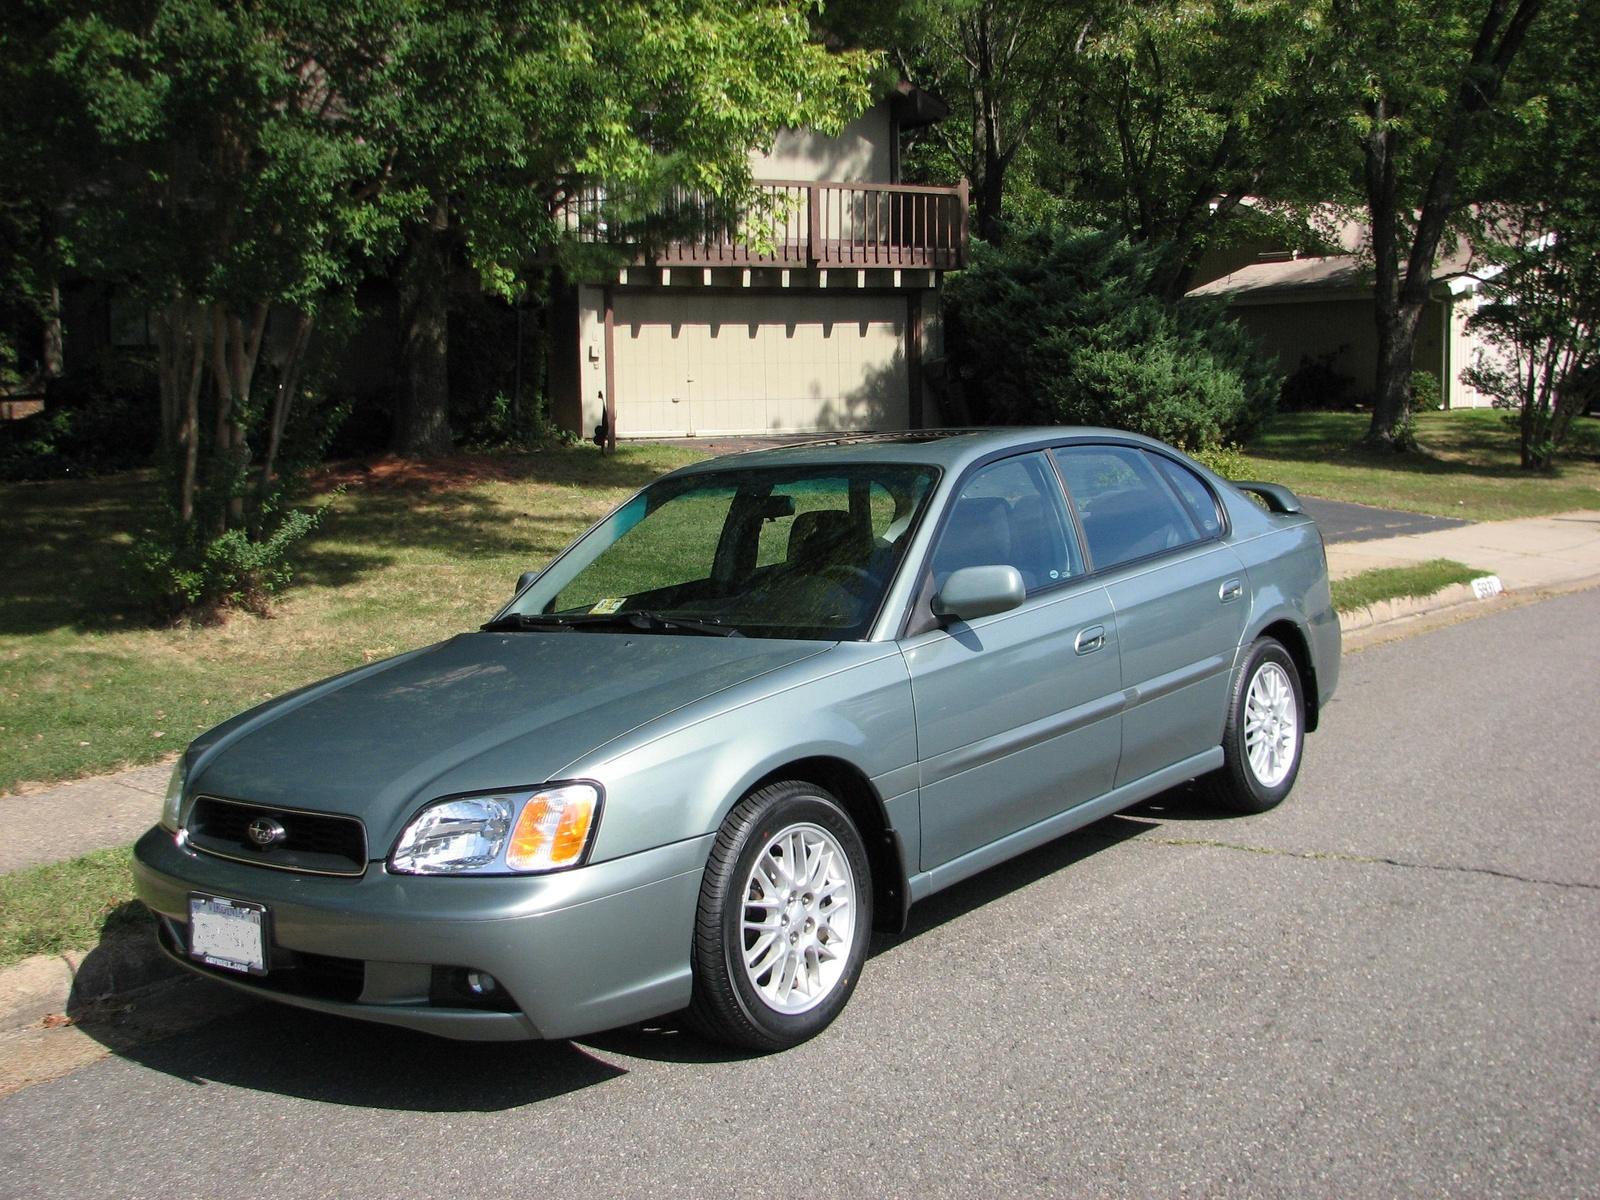 2003 Subaru Legacy - Pictures - CarGurus